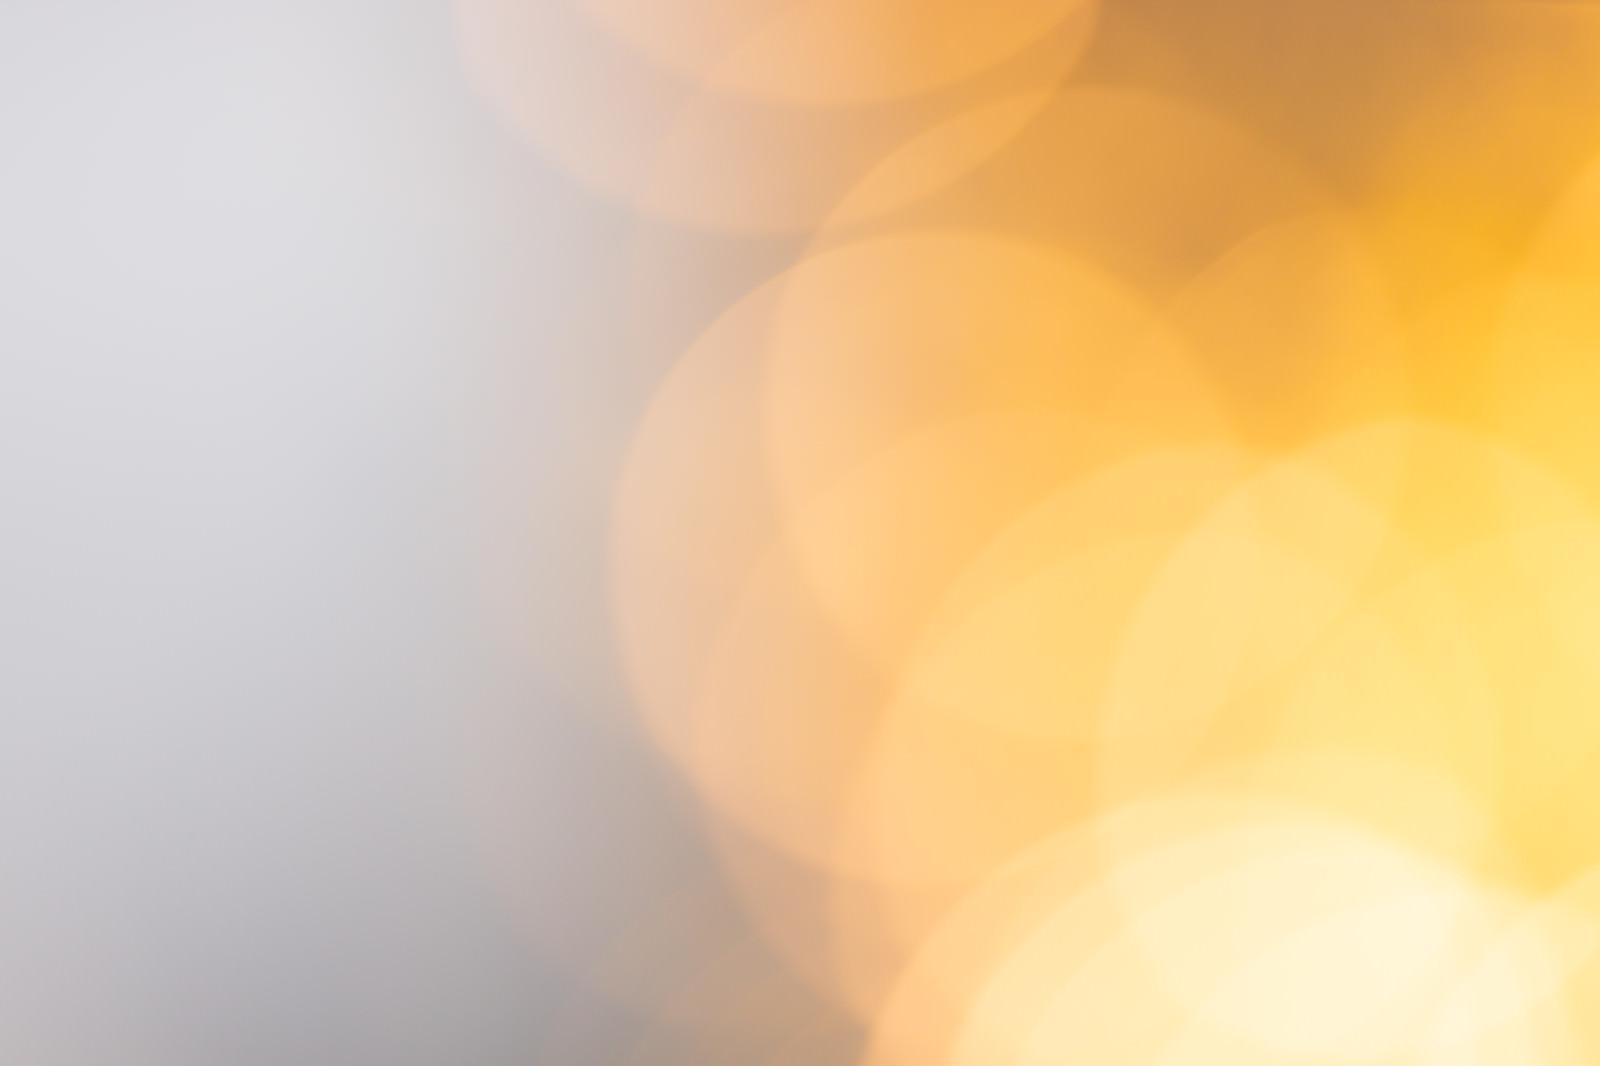 「オレンジ色のライトアップの光ボケ」の写真